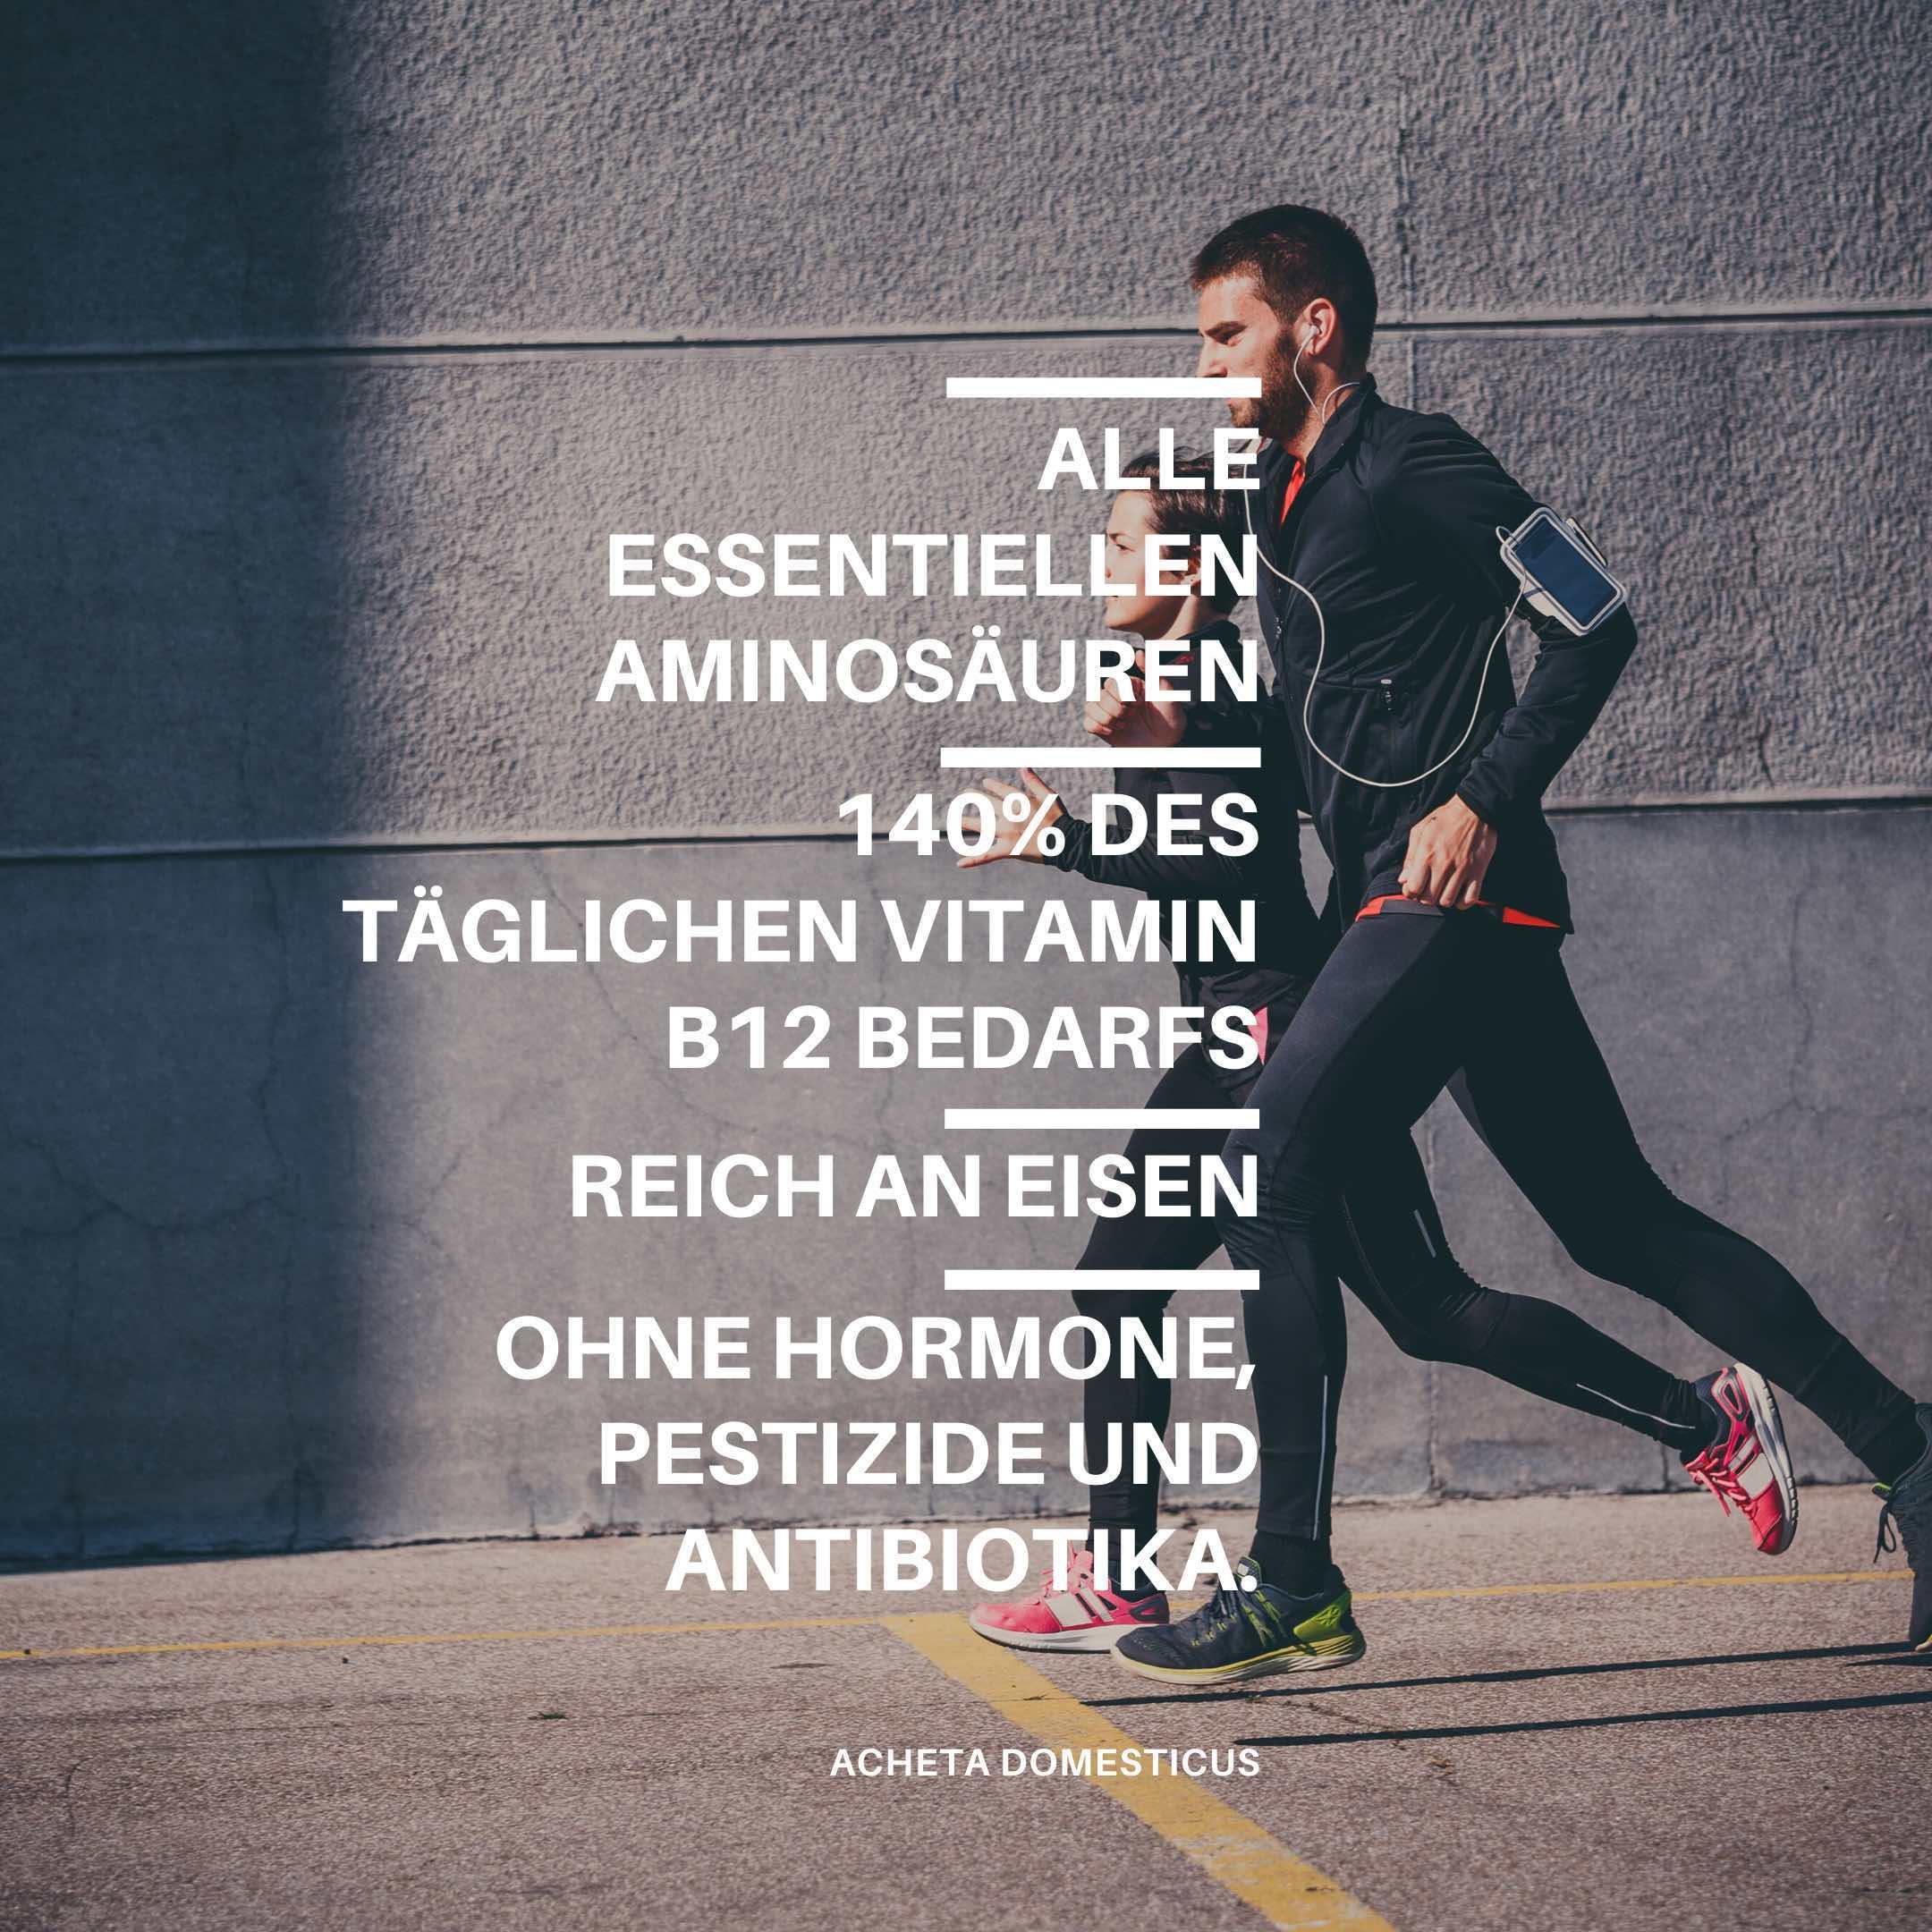 Das erste Insekten-Proteinpulver enthält alle essentiellen Aminosäuren und Vitamin B12 und ist die optimale Sportlernahrung